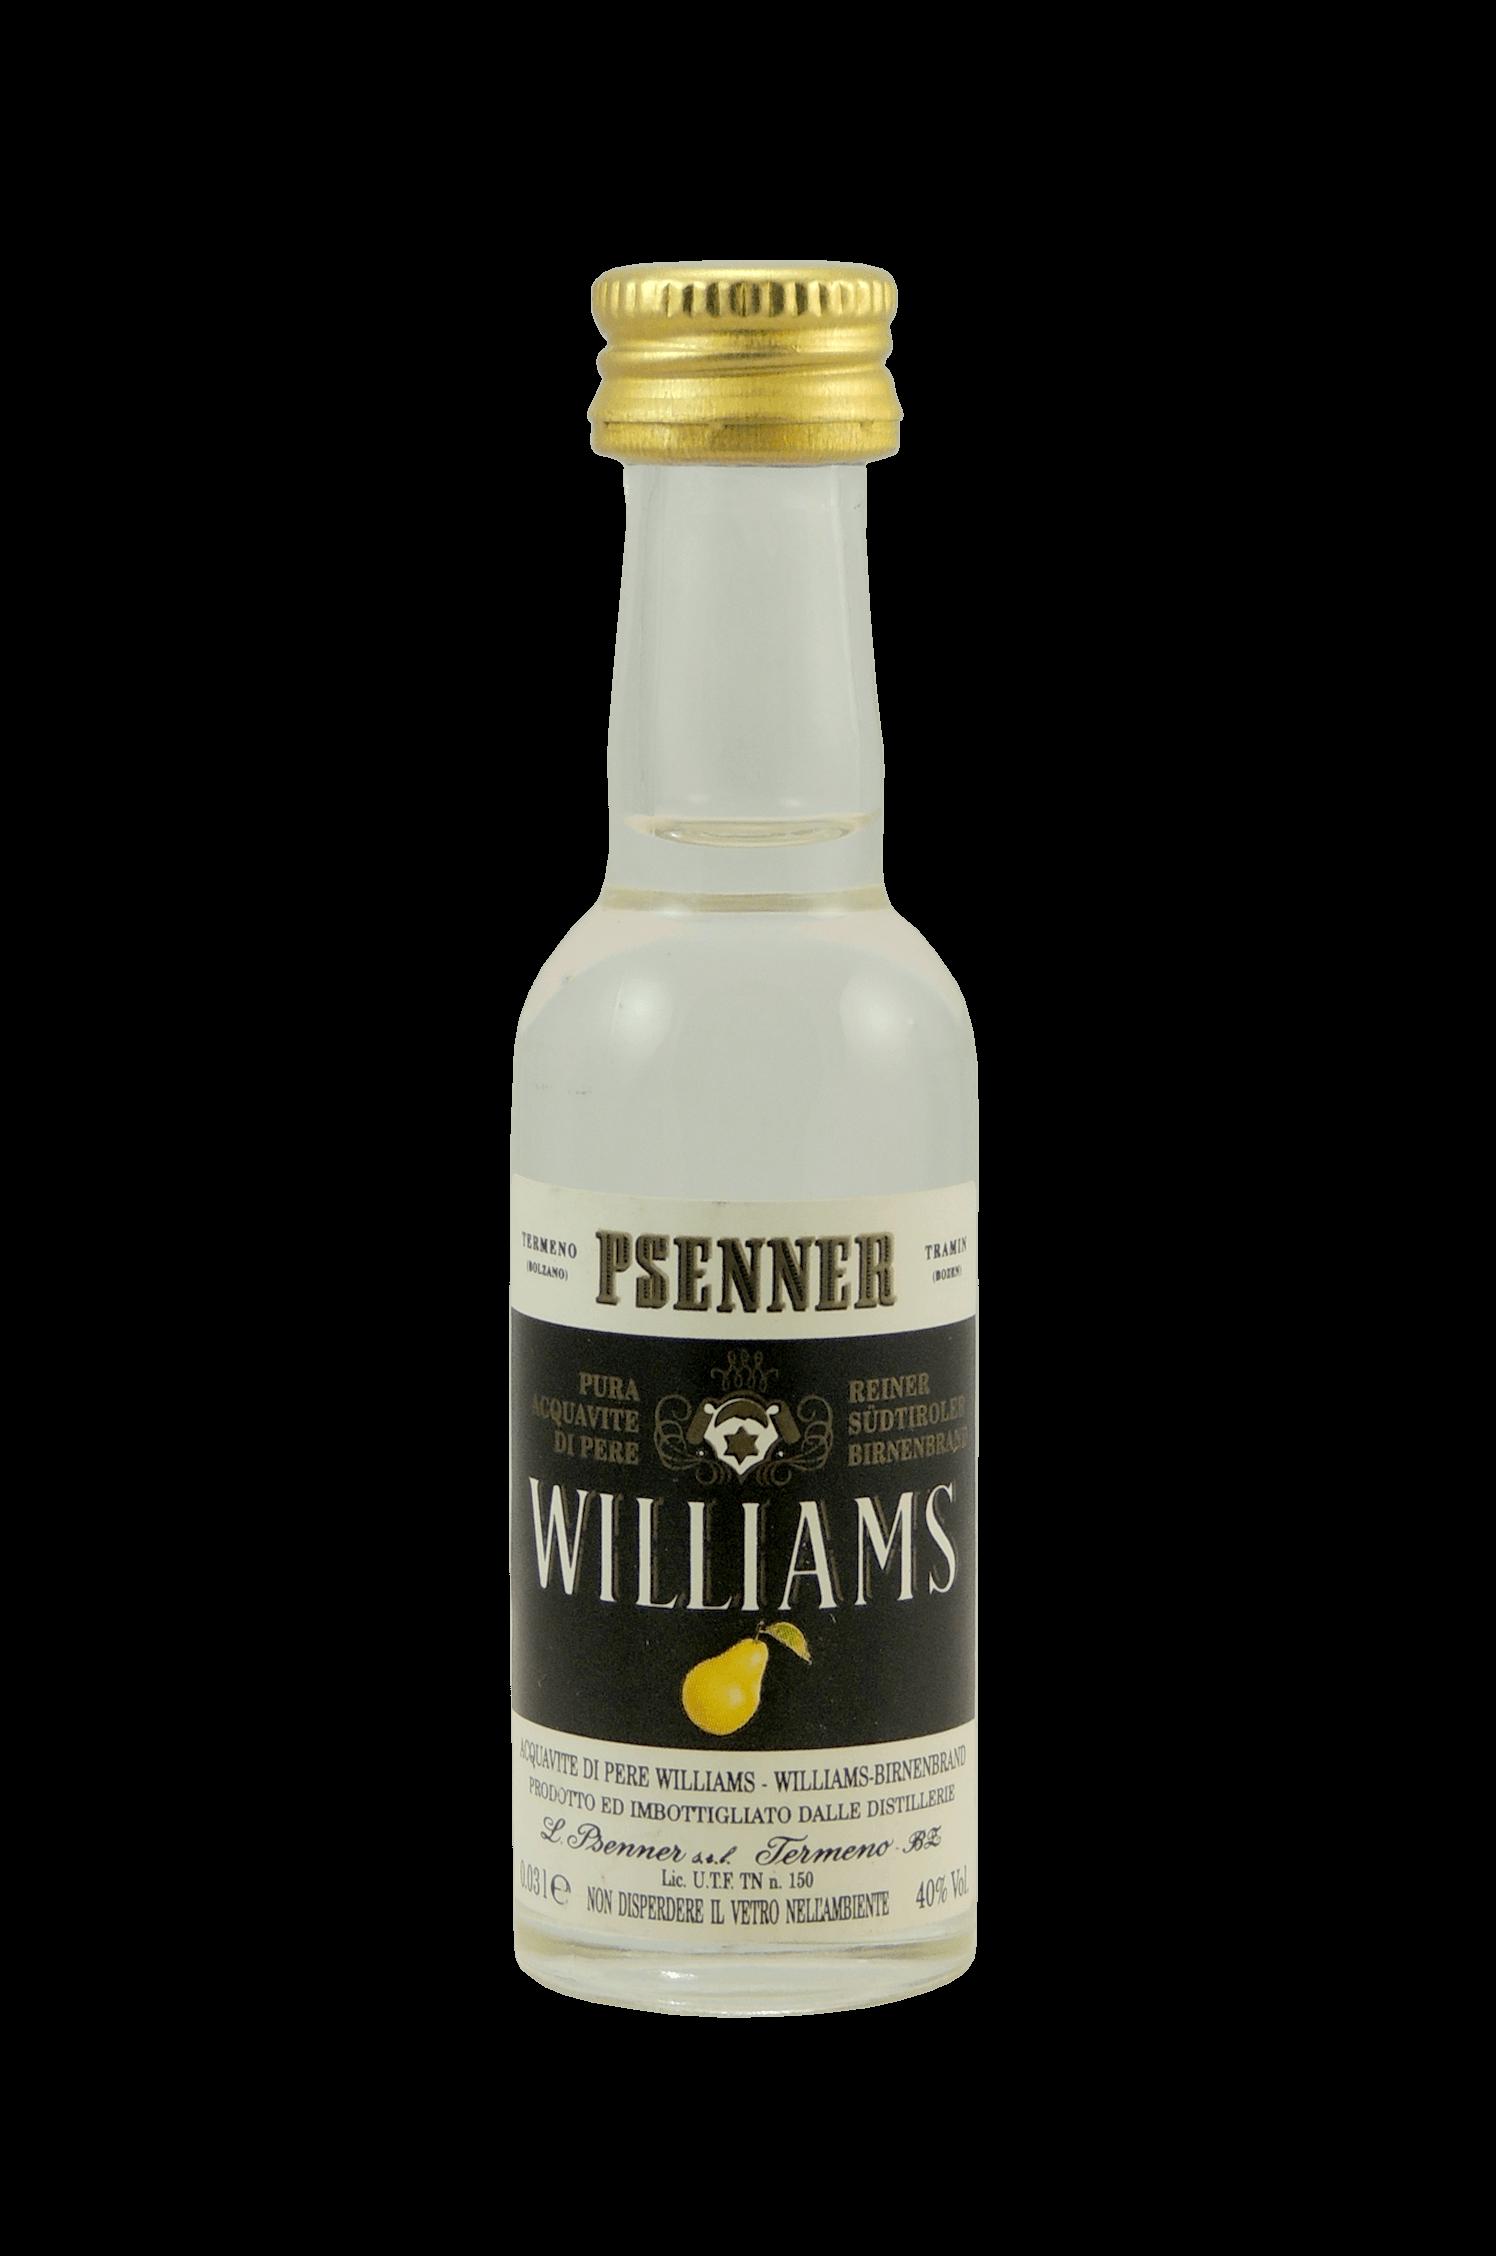 Williams Psenner